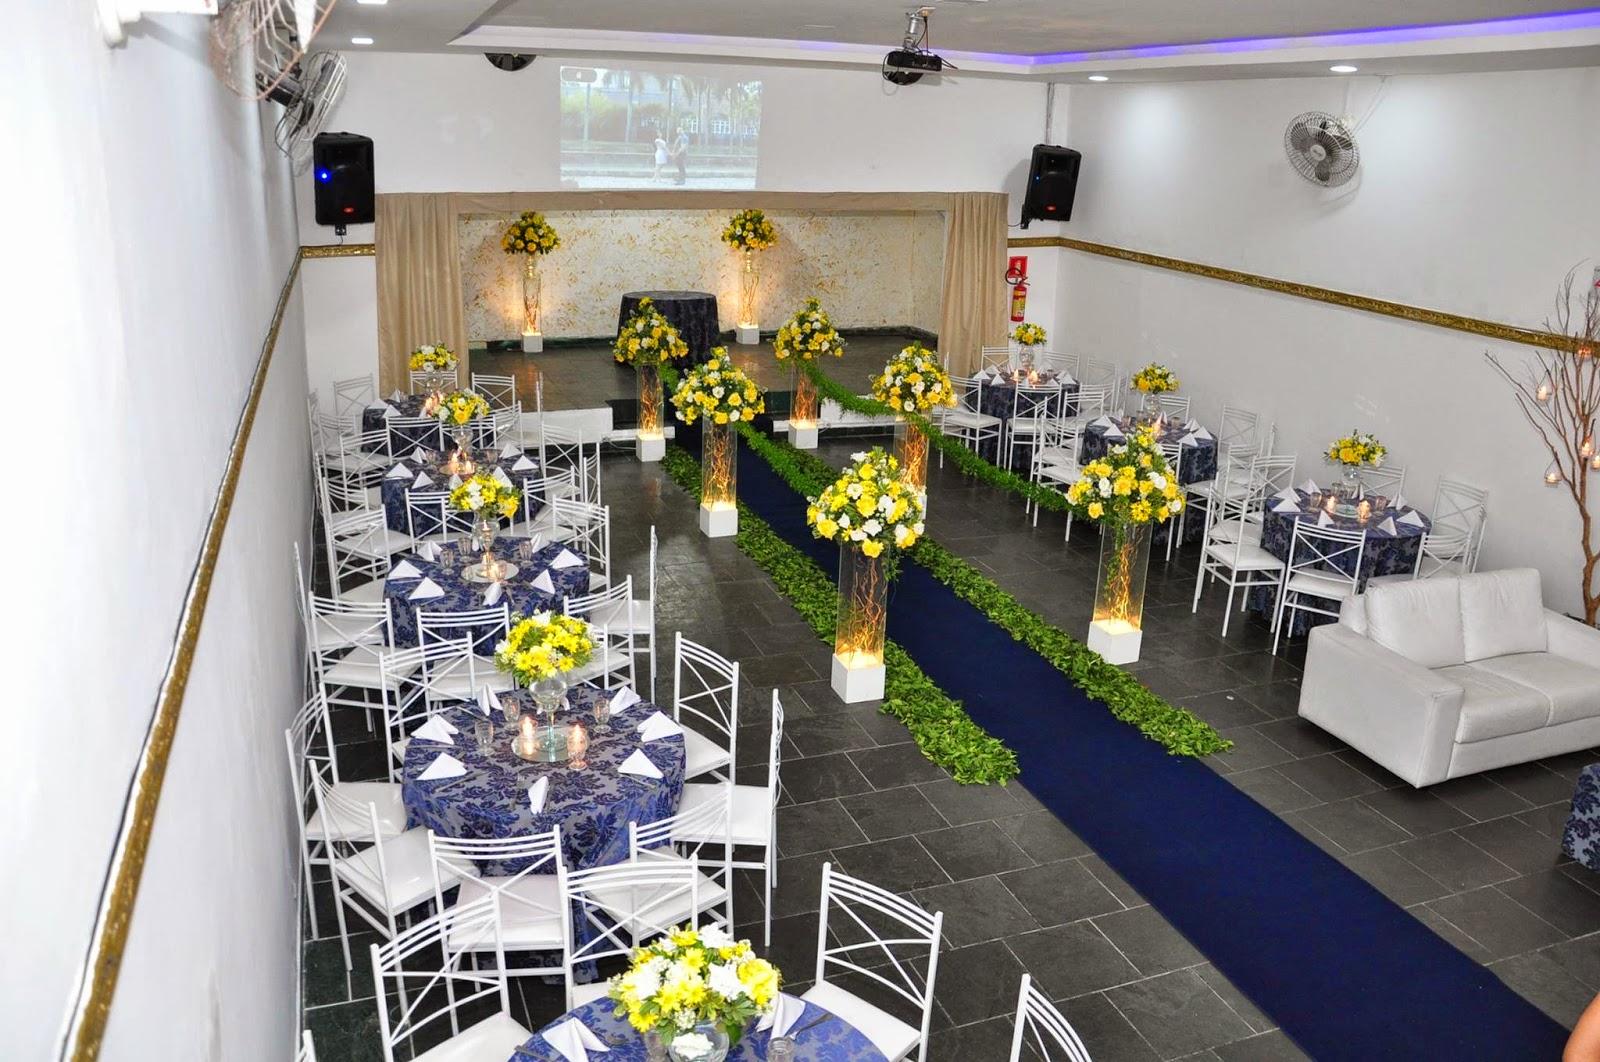 decoracao de festa azul marinho e amarelo : decoracao de festa azul marinho e amarelo:buffet bolando festas: Casamento decoração azul marinho e amarelo 23